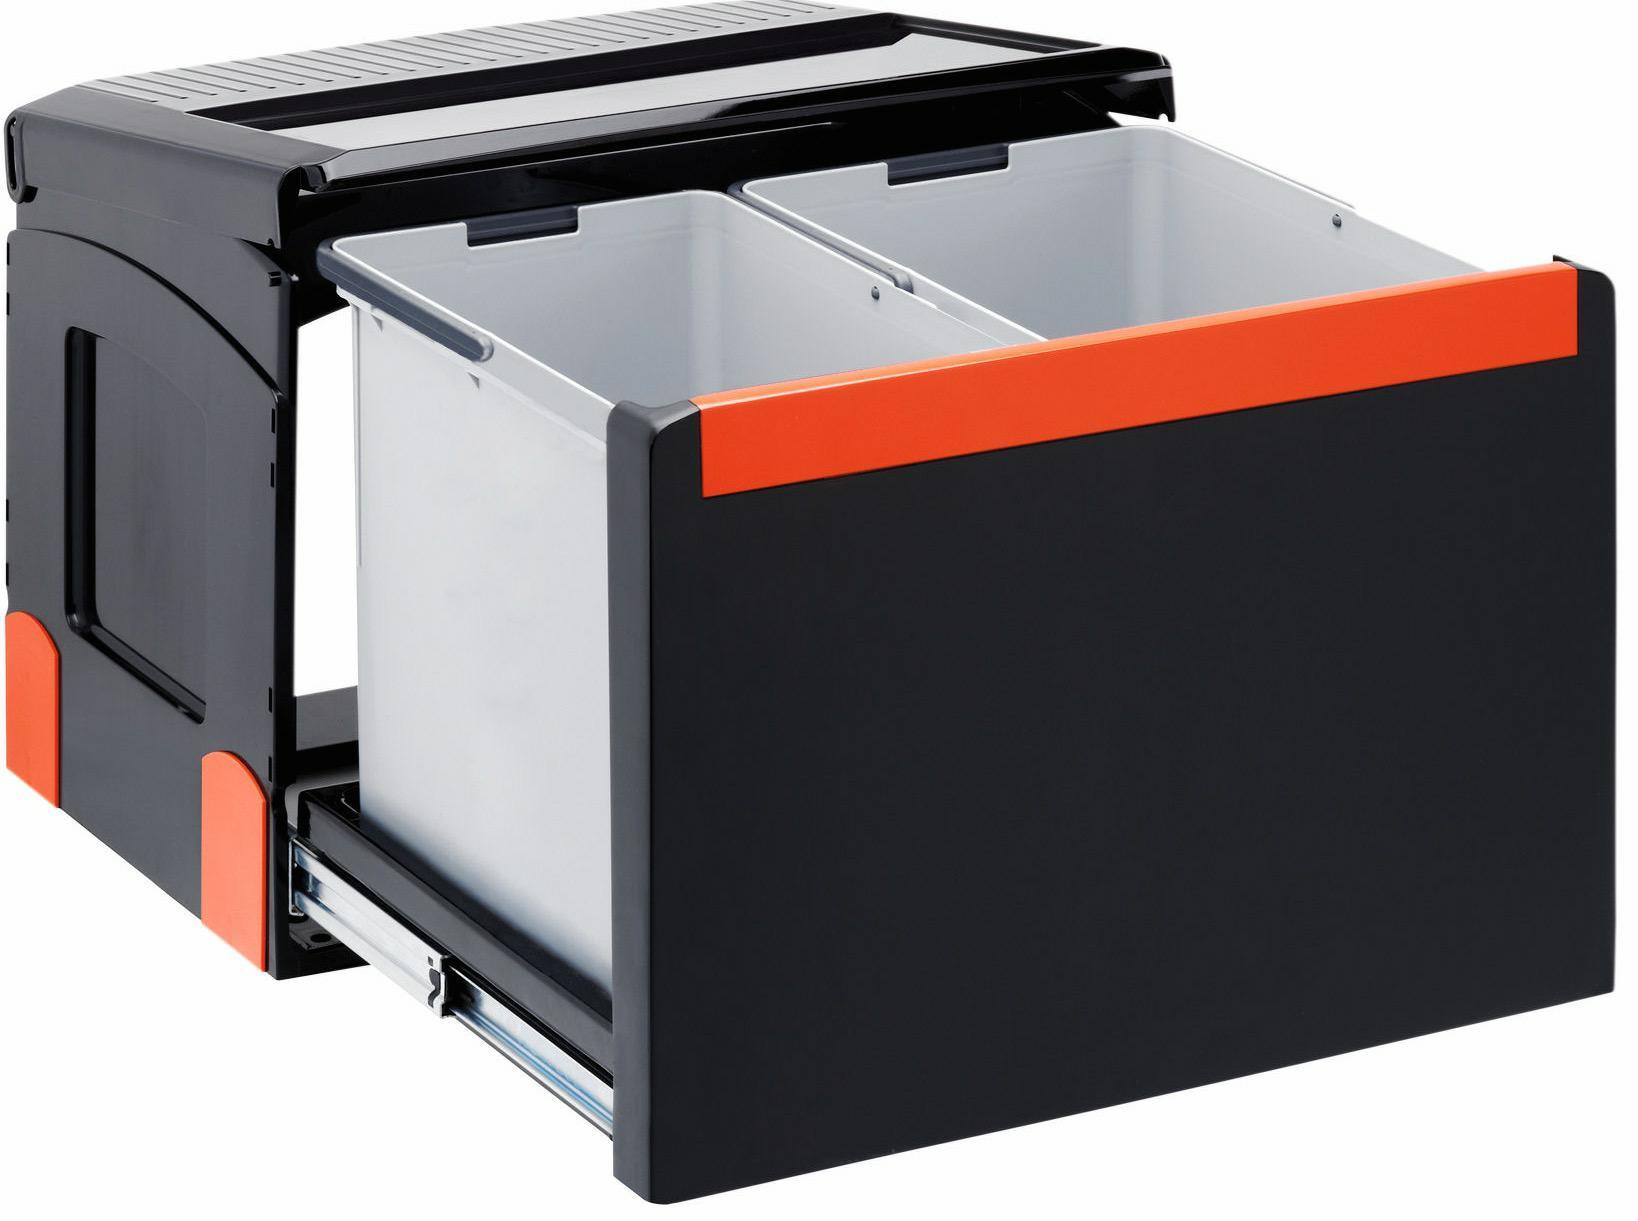 afvalemmer sorter Franke Toebehoren C50A502 afvalemmer sorter C 50A502 C 50 A 502